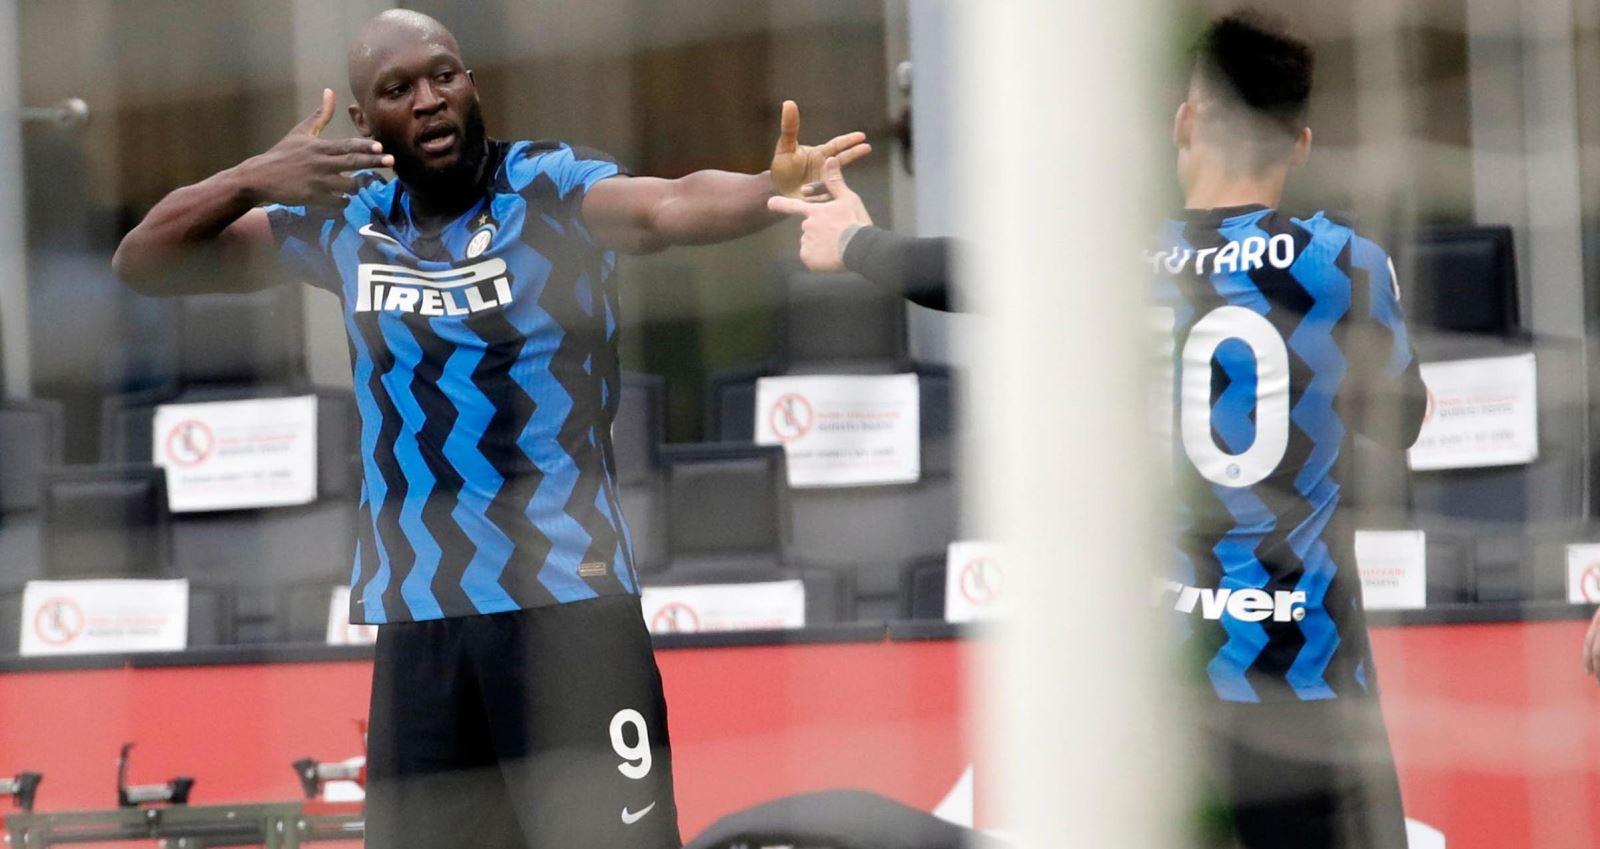 Milan 0-3 Inter, ket qua Milan dau voi Inter, Kết quả bóng đá Ý, Bảng xếp hạng bóng đá Italia Serie A vòng 23, bang xep hang bong da Y hom nay, tin bong da Italia